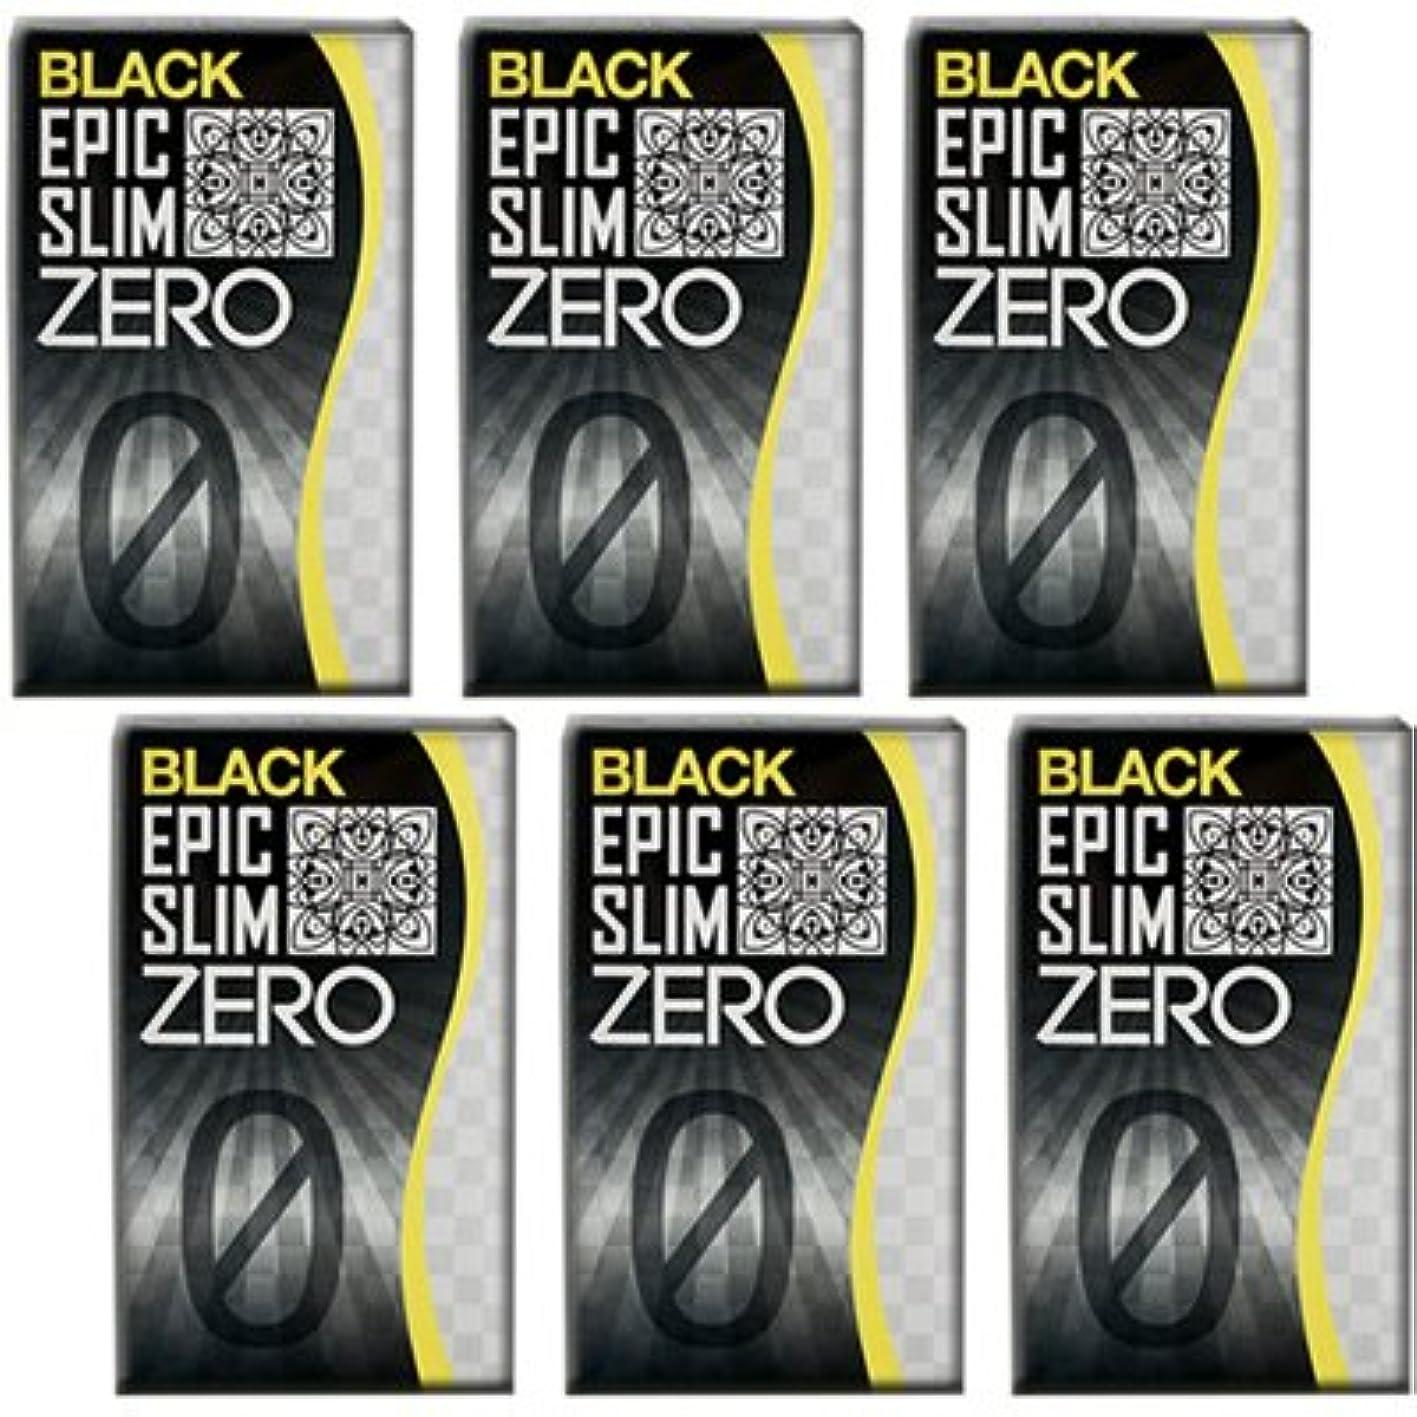 快適役立つ債務ブラック エピックスリム ゼロ ブラック 6個セット!  Epic Slim ZERO BLACK ×6個